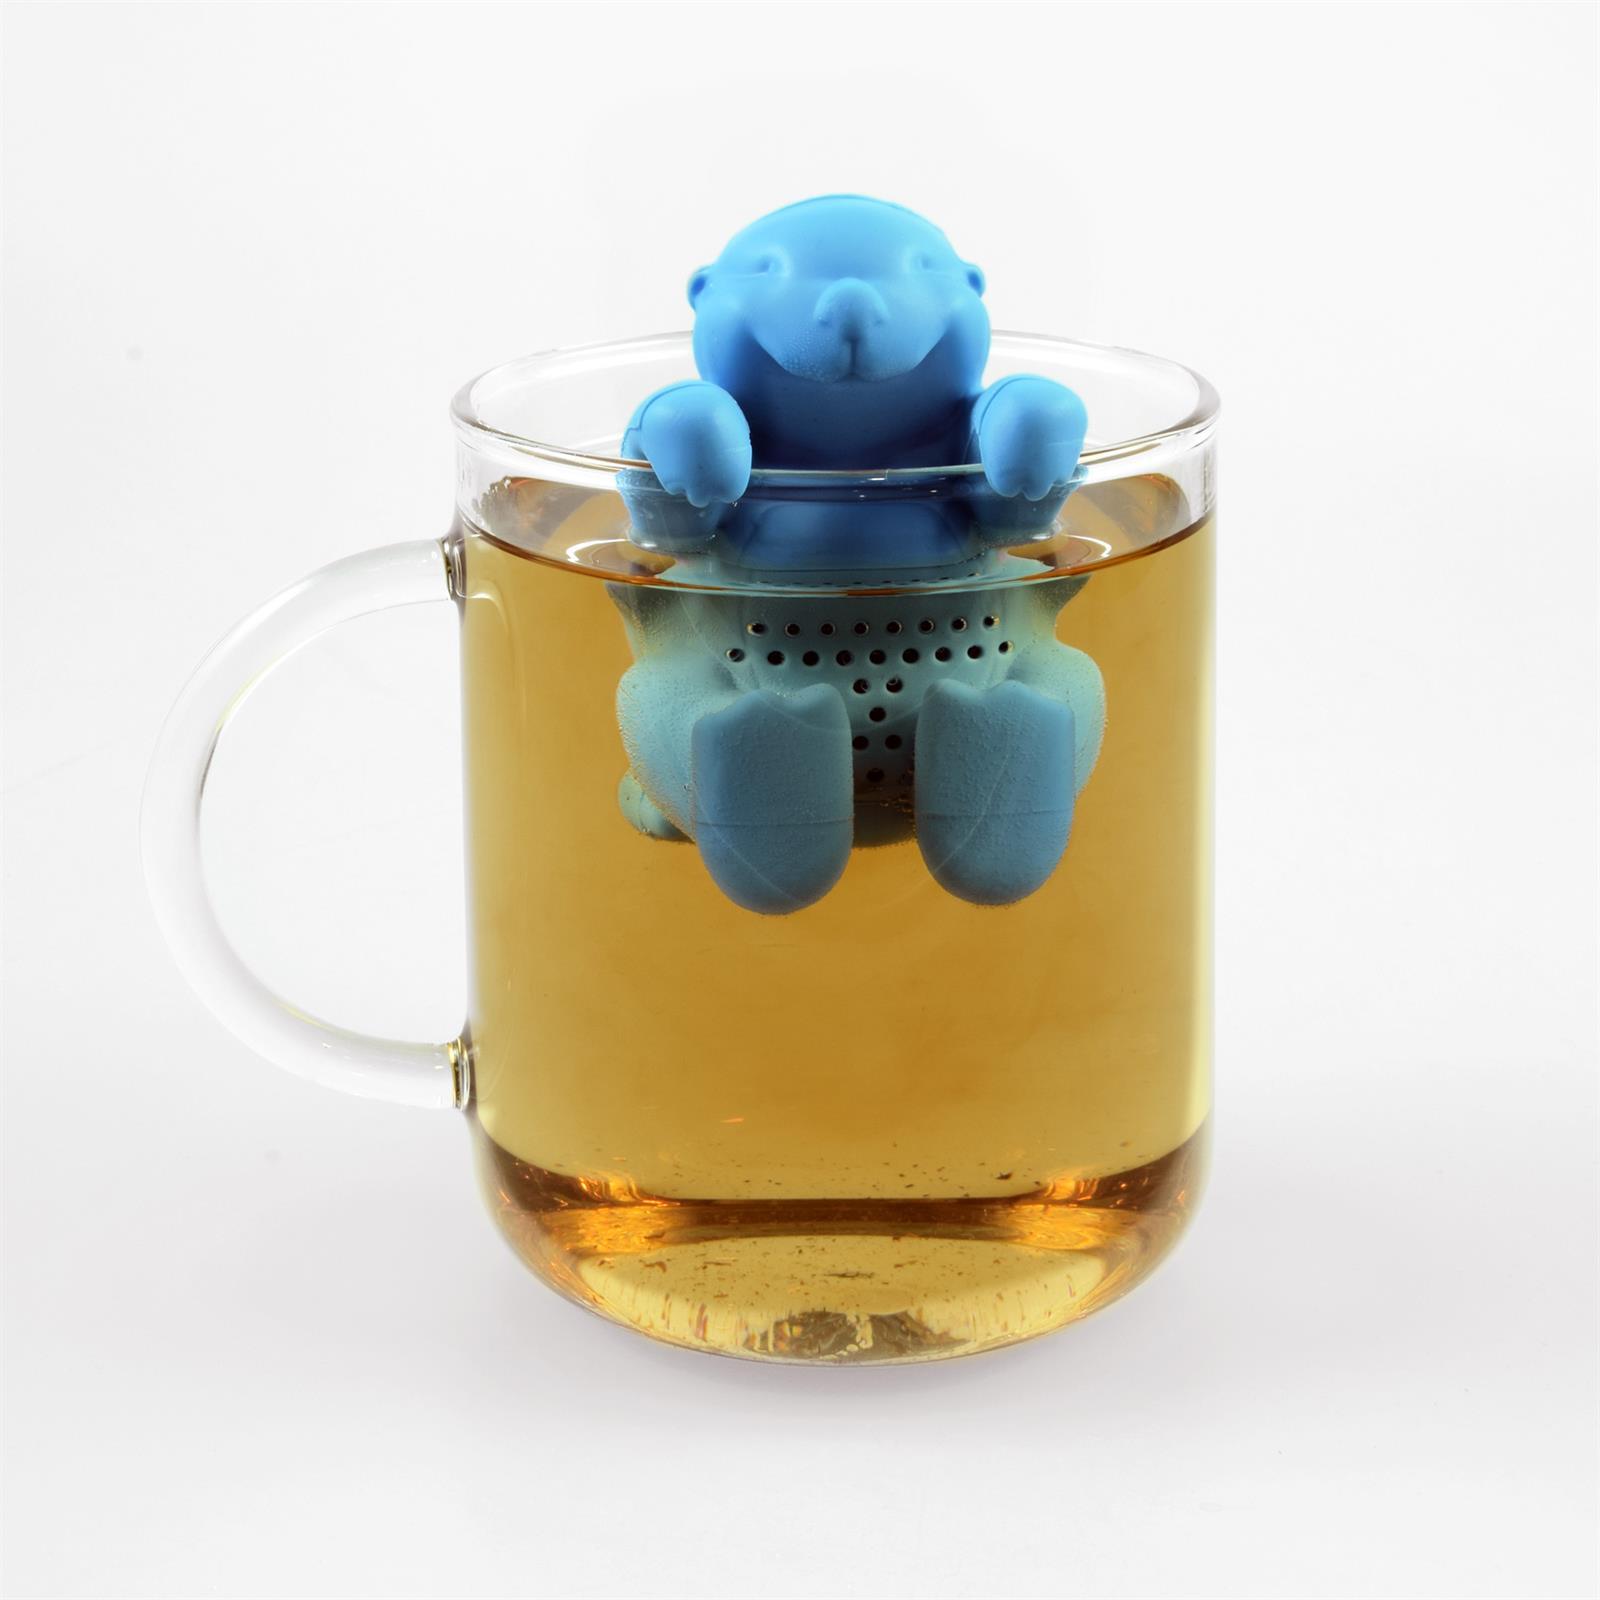 Lustiges niedliches buntes Silikon Tee Ei Sieb Kugel Filter Ball Figur loser Tee 8